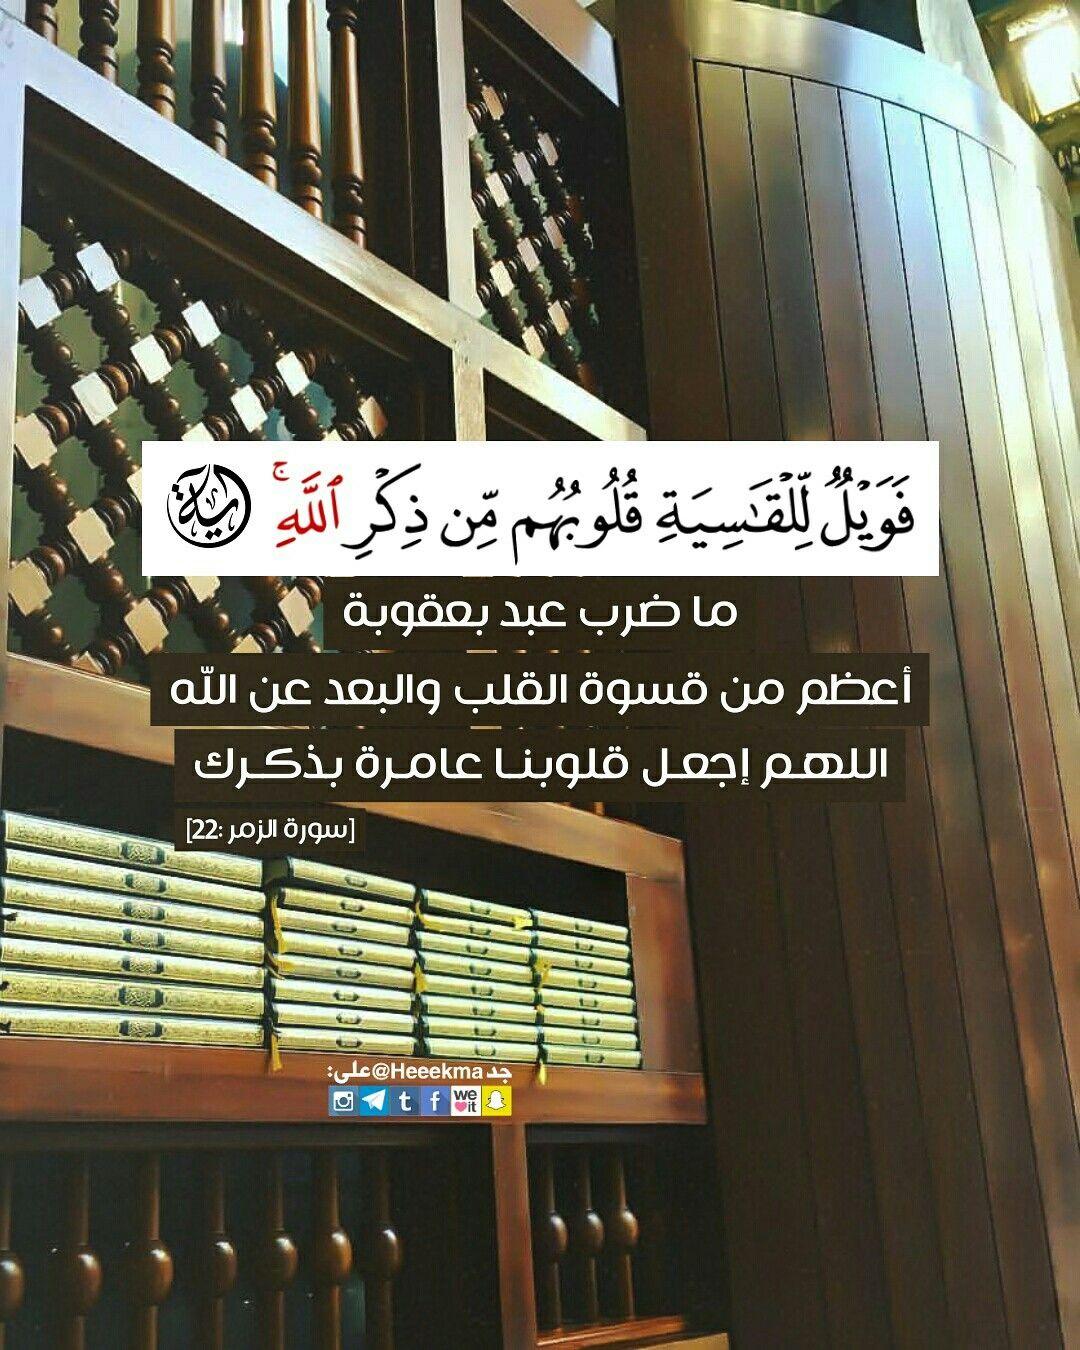 أية قرآنية Quran Quotes Quran Quotes Inspirational Quran Book